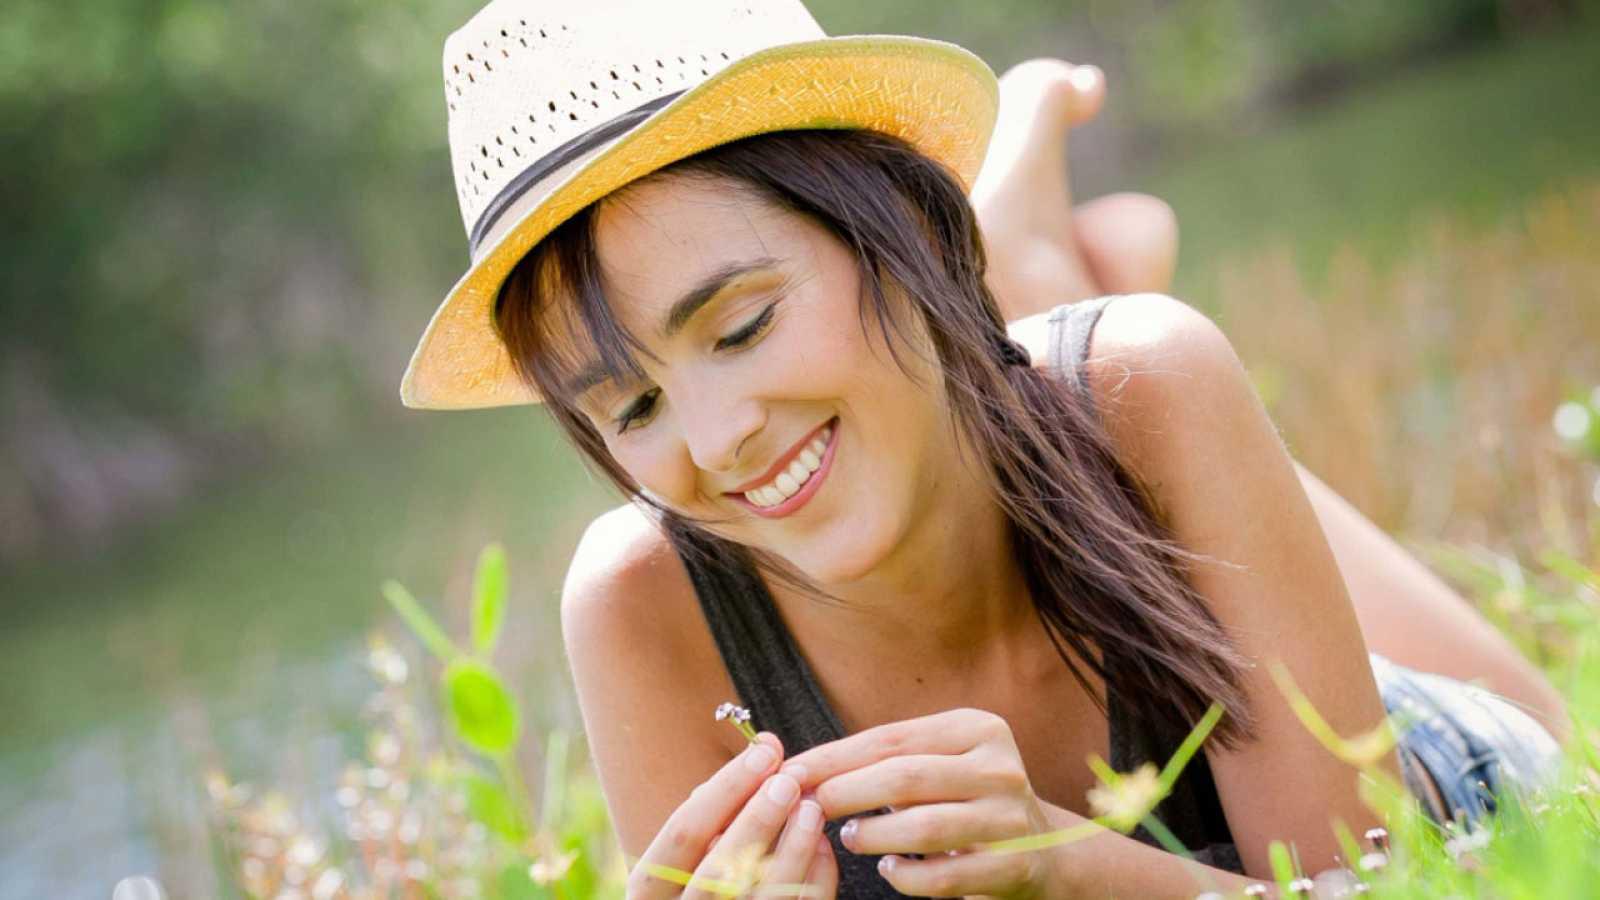 Vida verda - Alimentació SEN + Roba Eco + Mosquit Alert